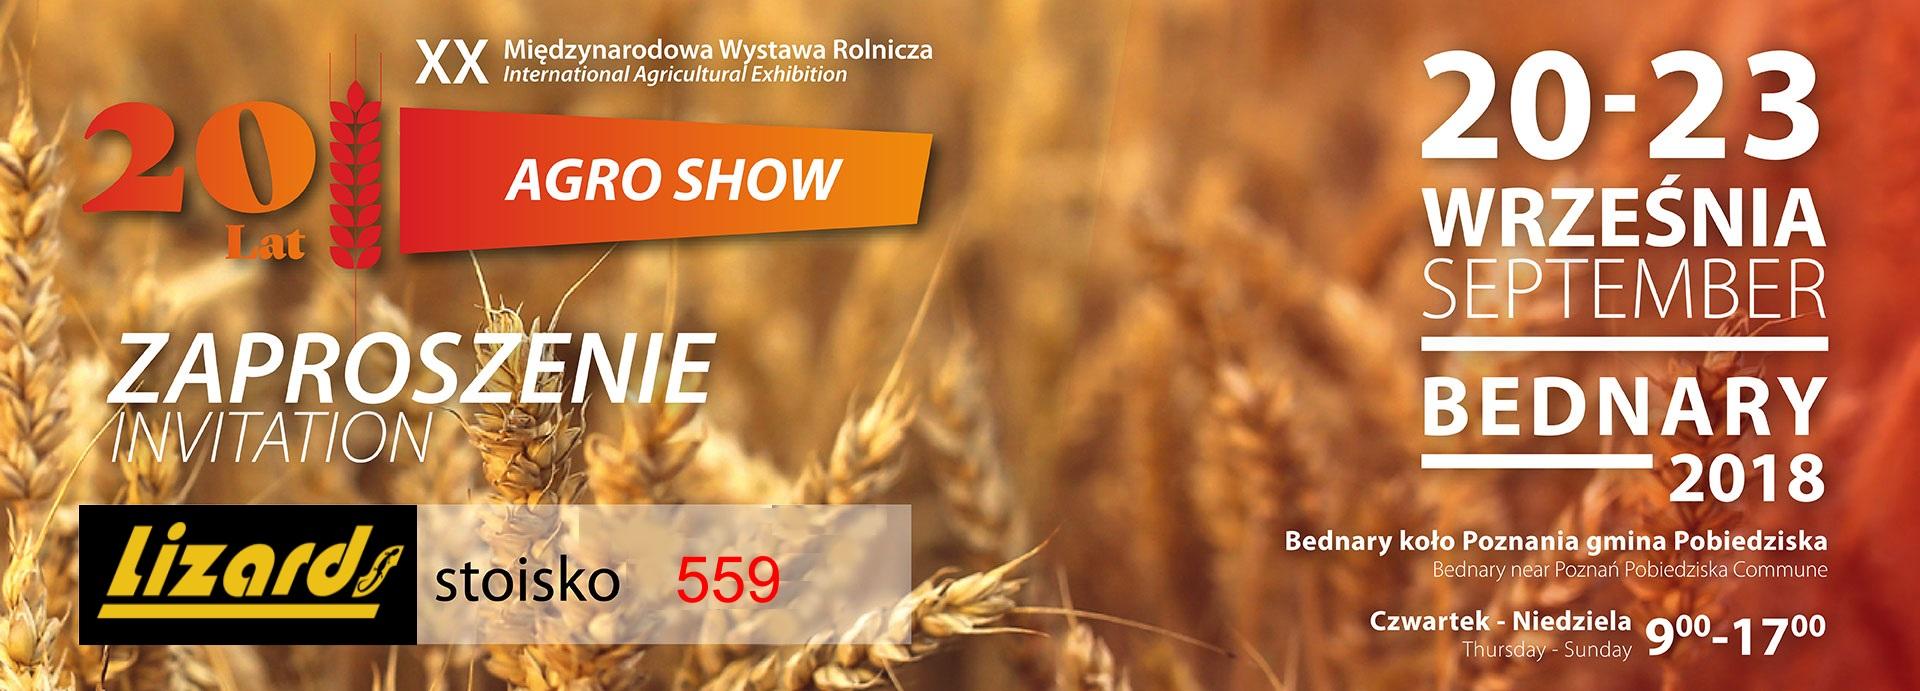 AgroShow2018_zaproszenie_Lizards